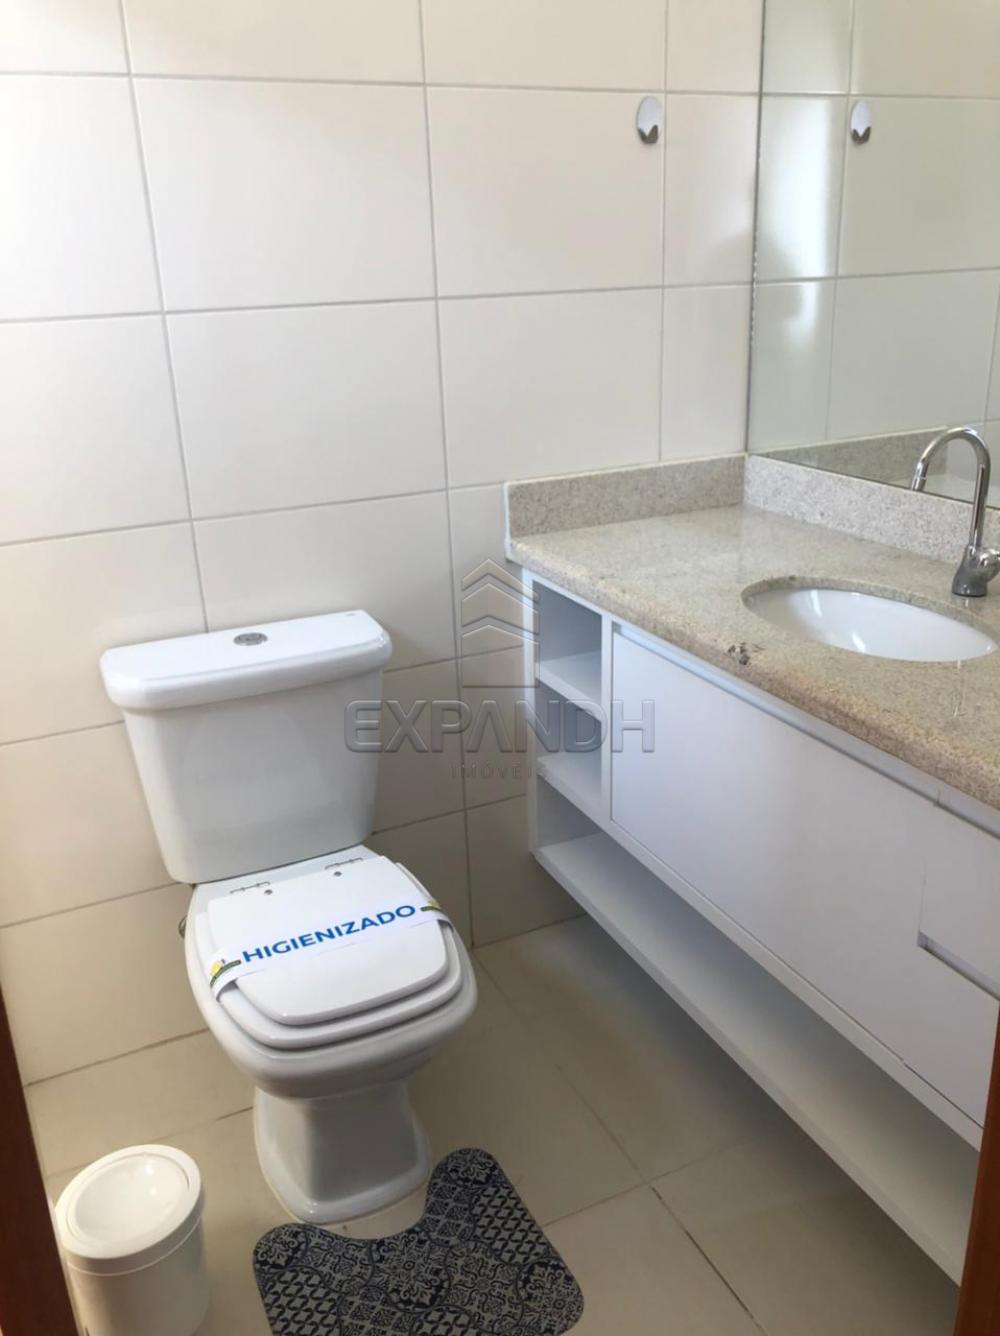 Comprar Casas / Condomínio em Sertãozinho R$ 530.000,00 - Foto 21